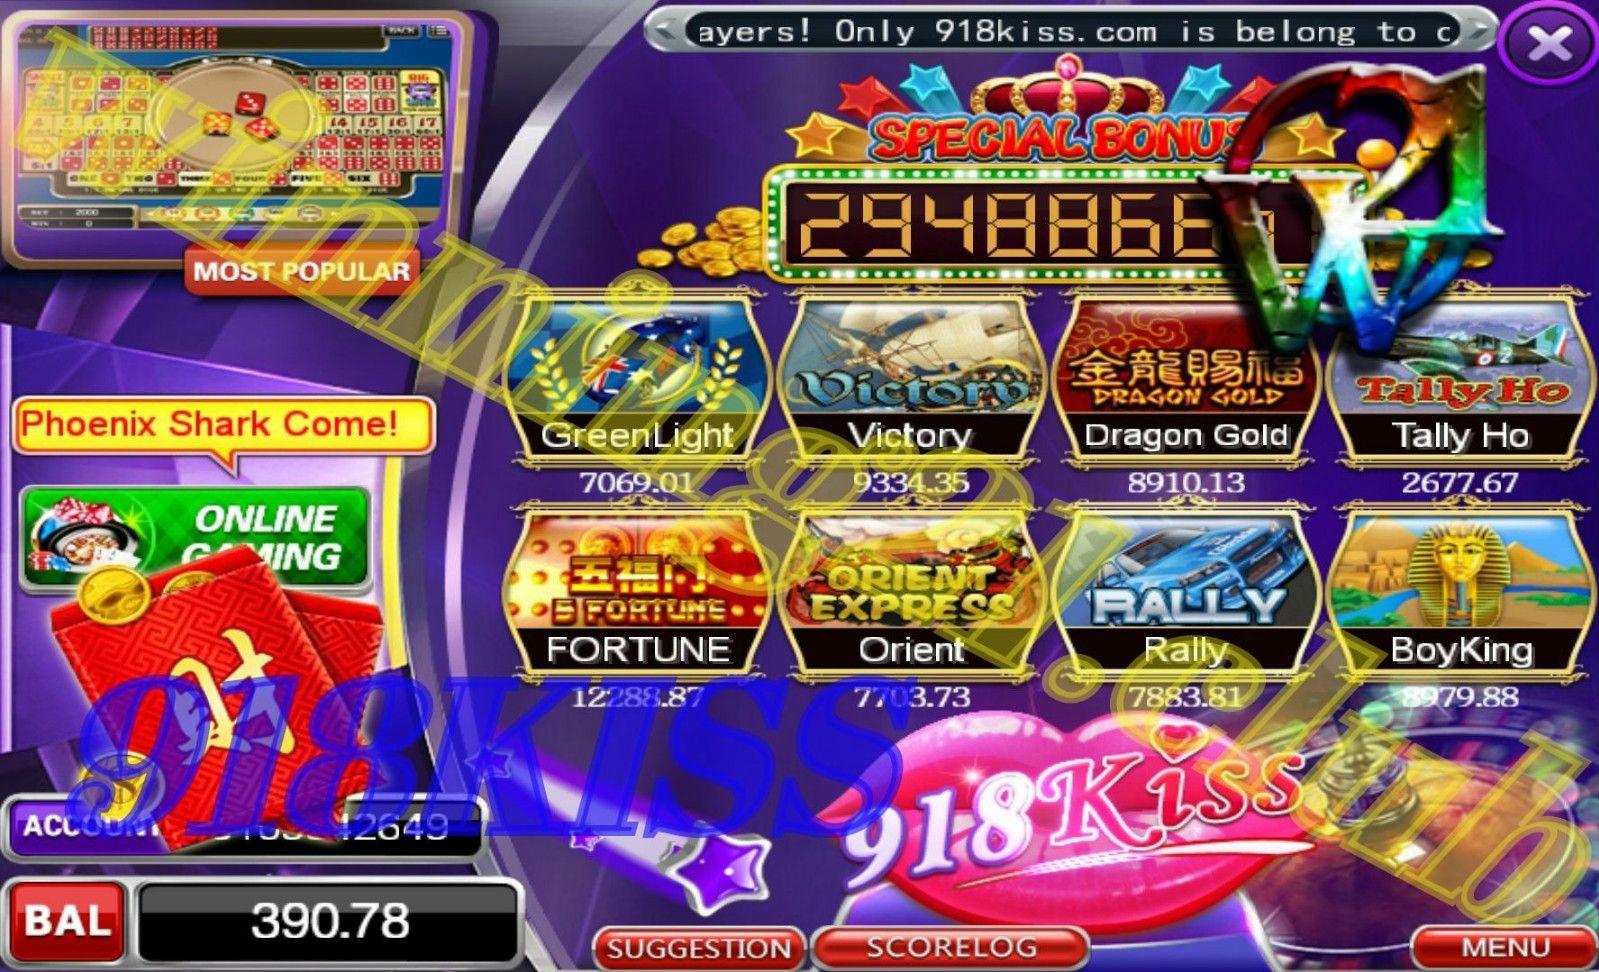 скачать игру бесплатно казино на деньги